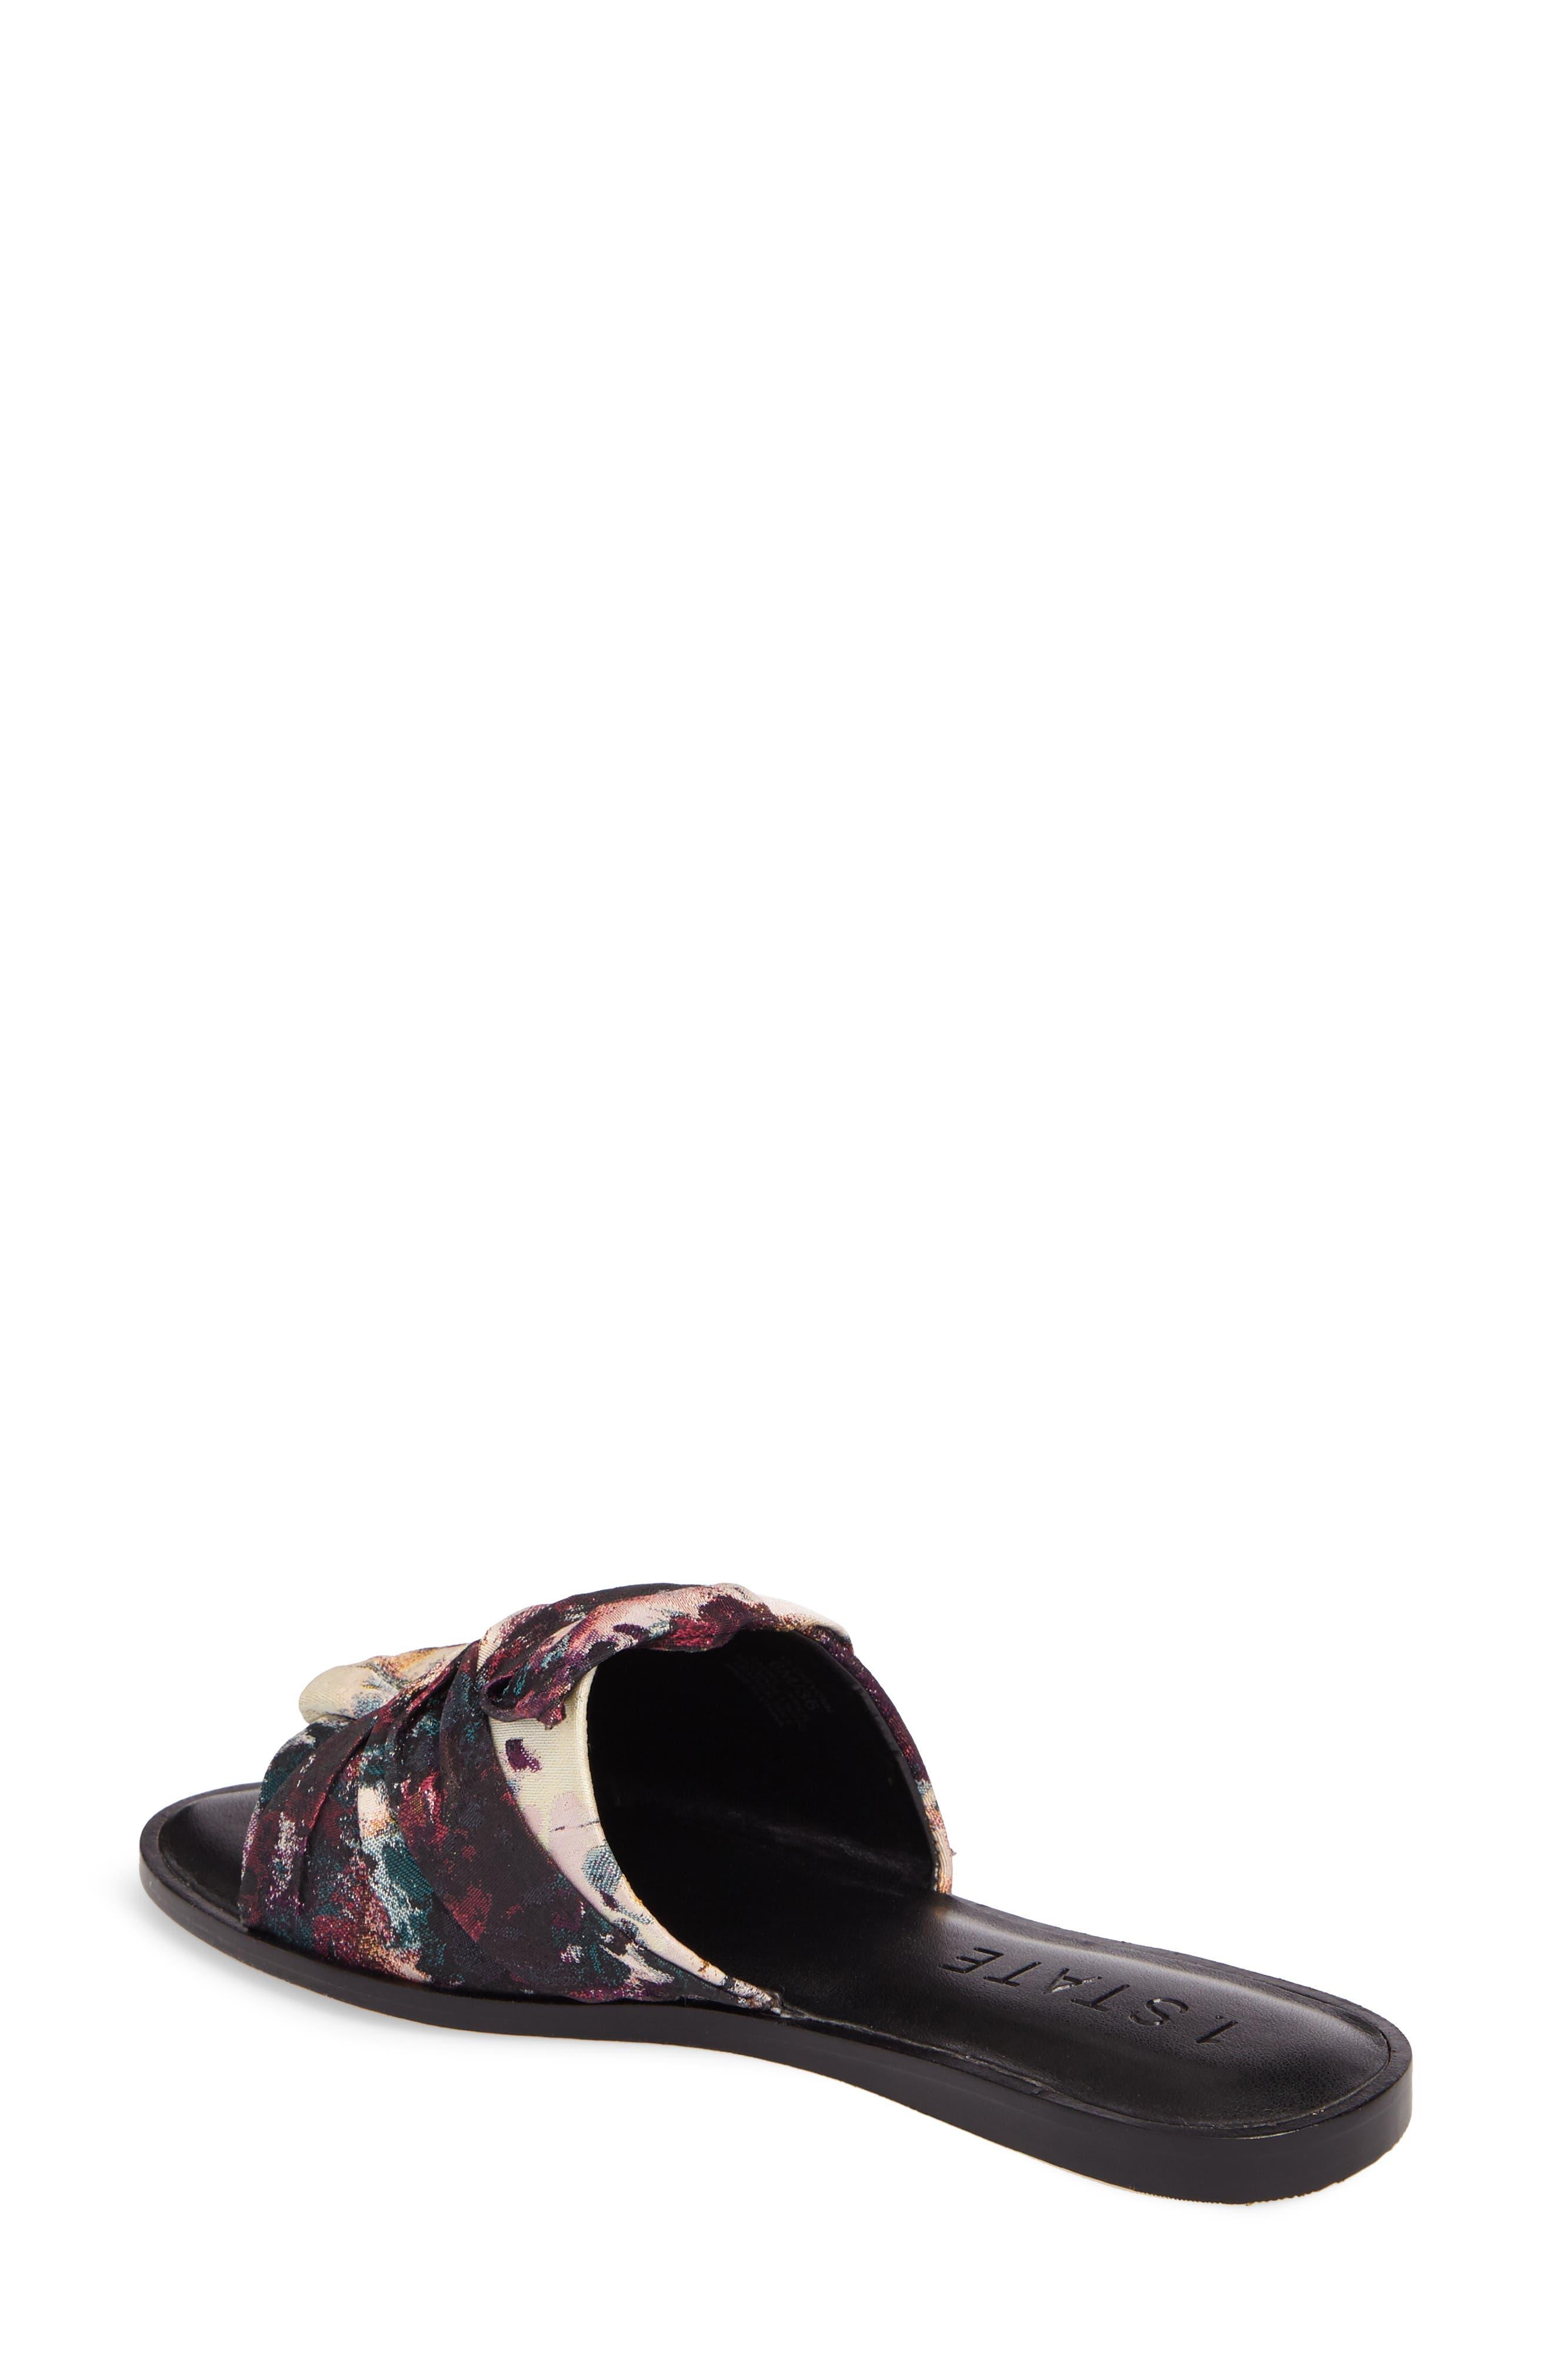 Chevonn Slide Sandal,                             Alternate thumbnail 2, color,                             001